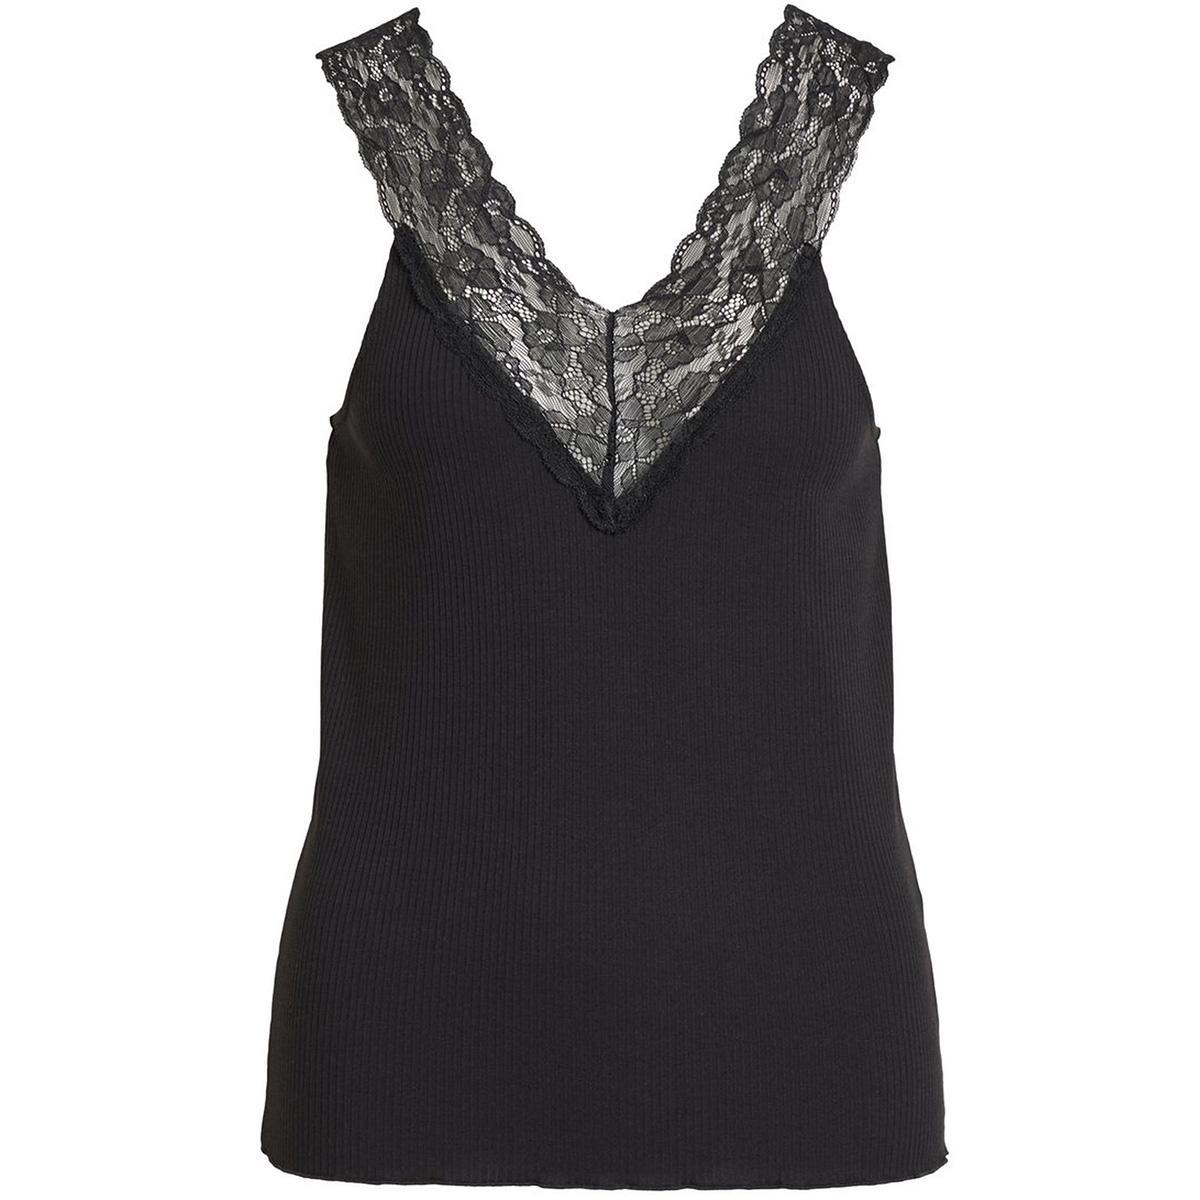 visofi v-neck s/l top 14053965 vila top black/w. black